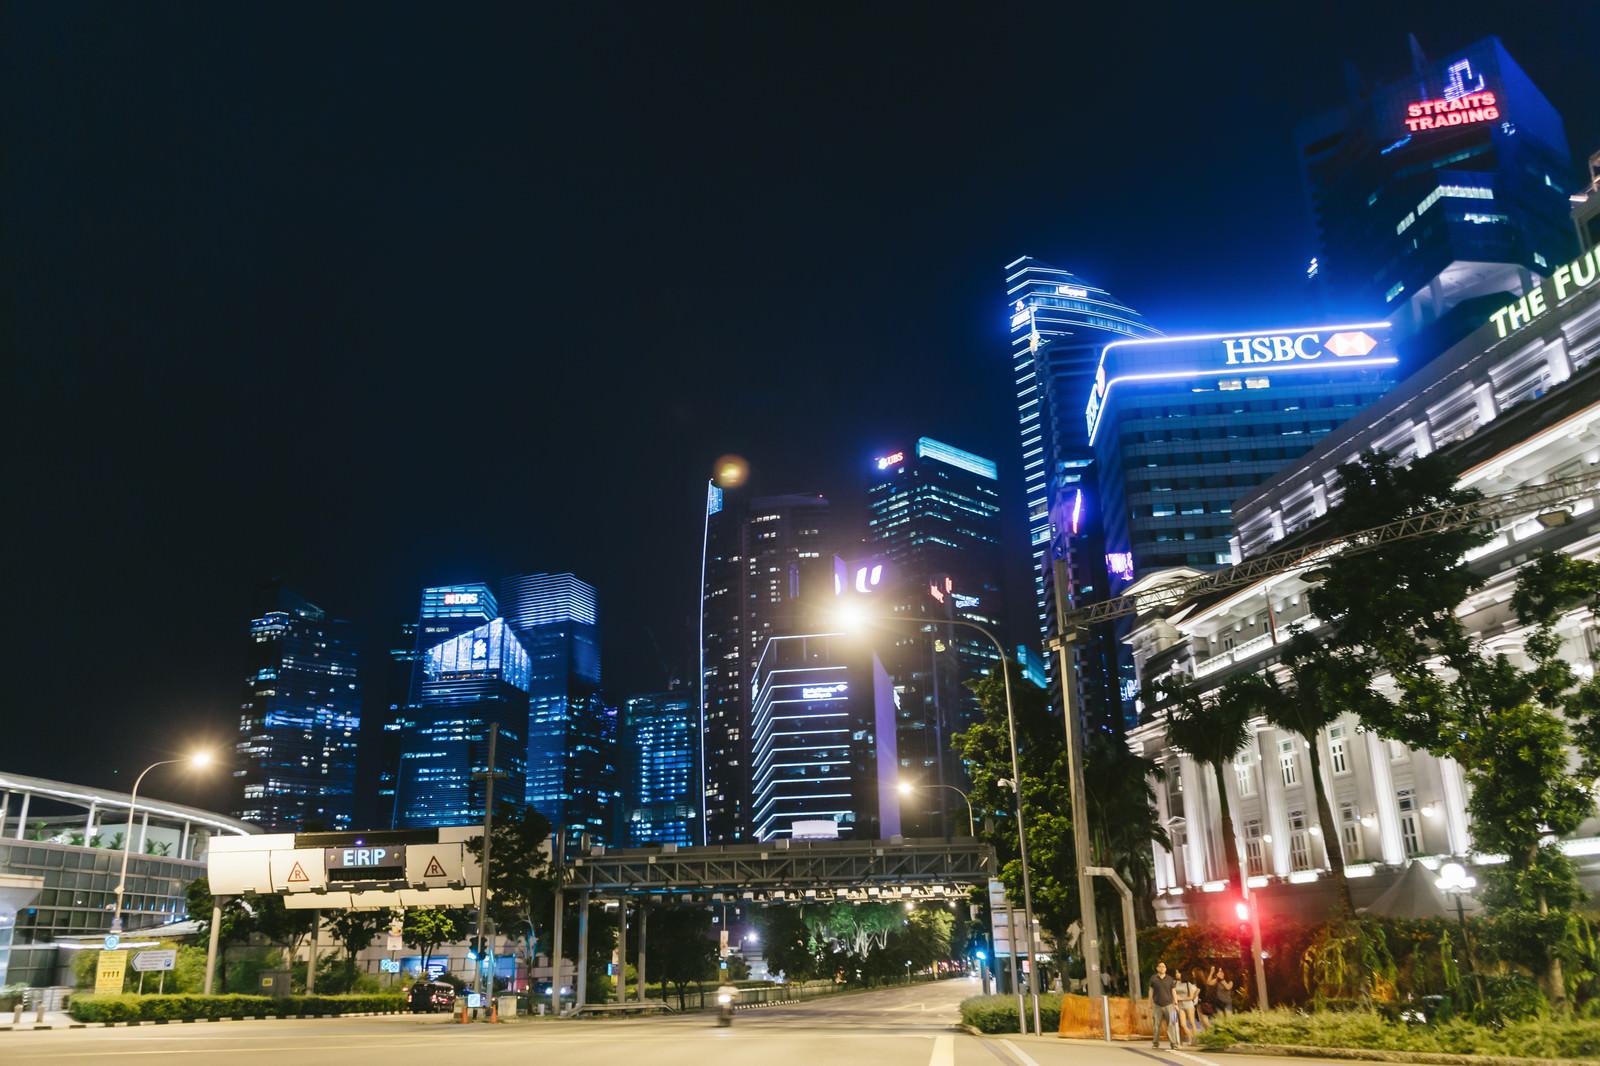 「シンガポールのマーライオン広場前の大通りとビル群(夜景)」の写真